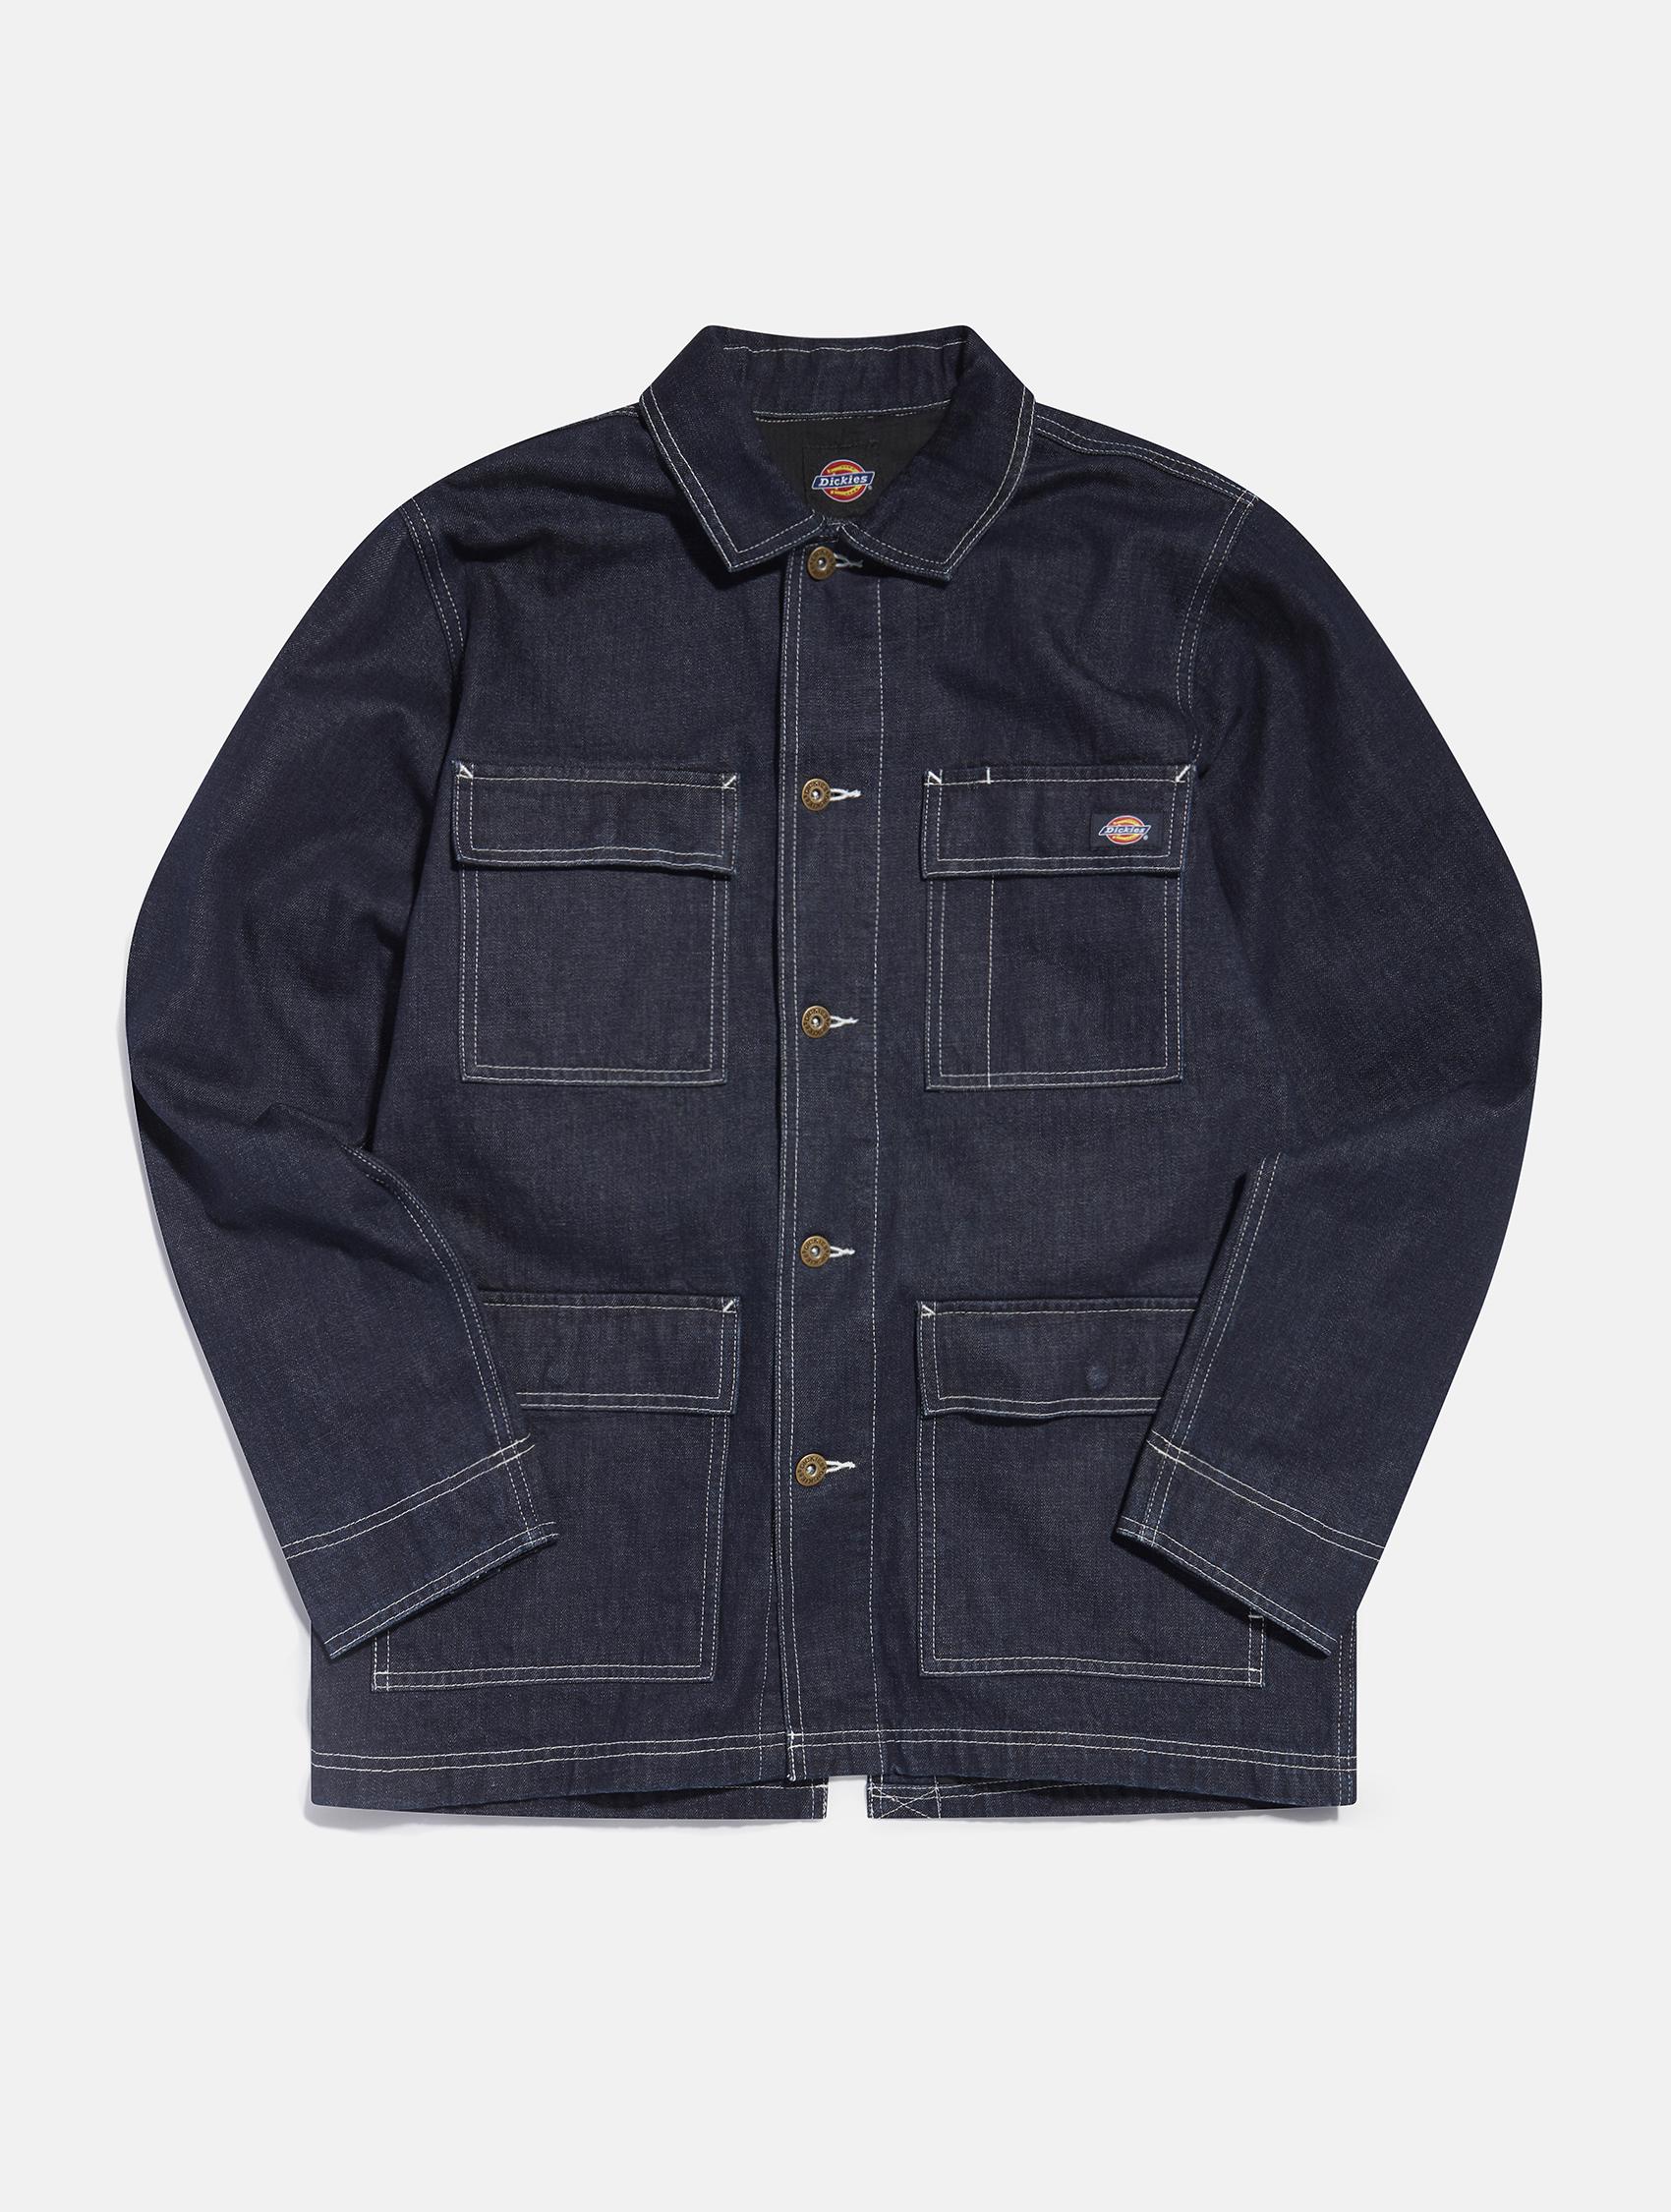 Dickies Long sleeve dark blue denim jacket